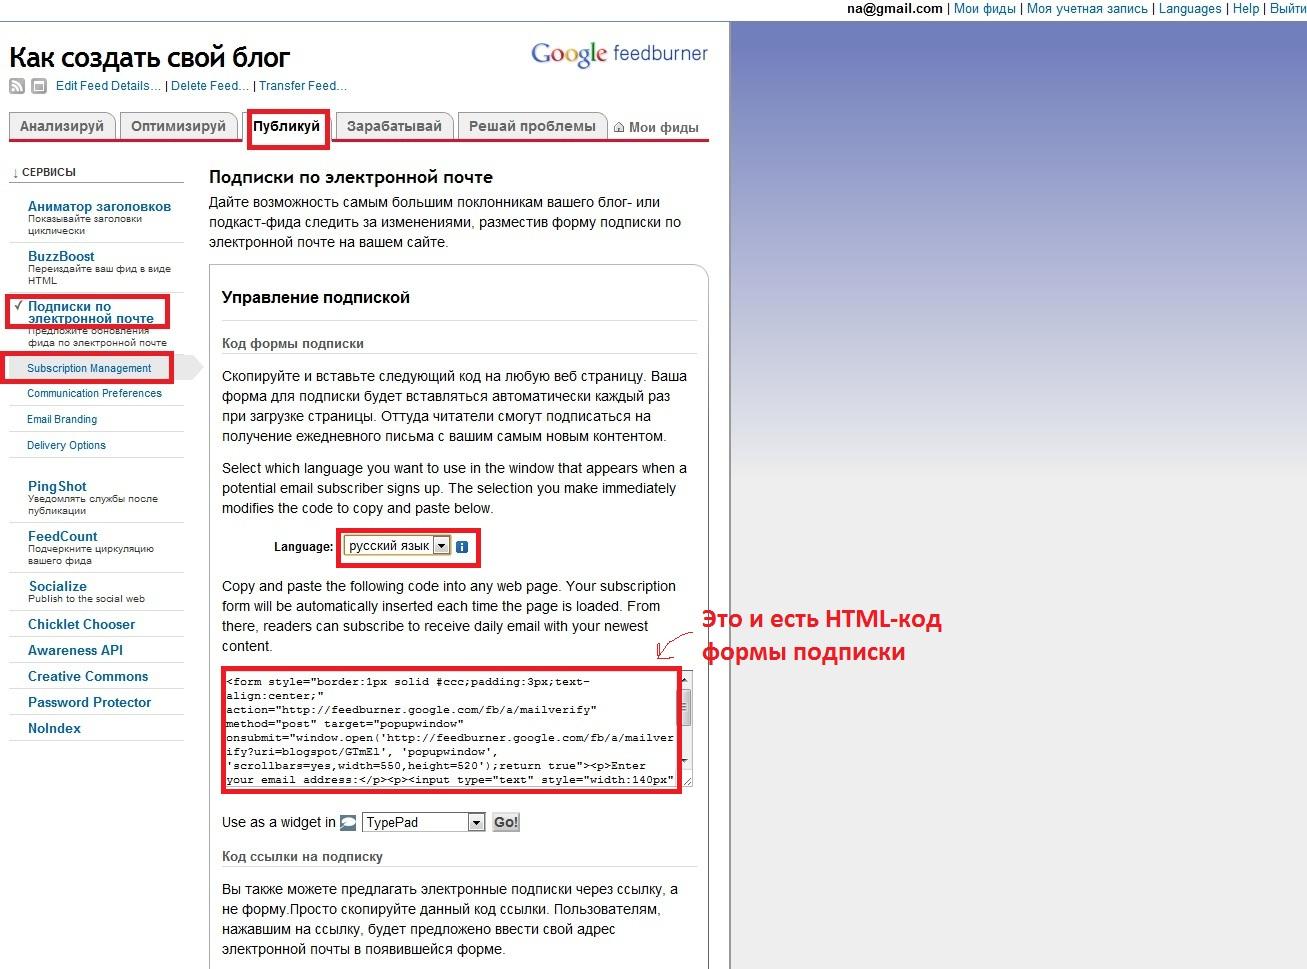 Как сделать ссылку своего сайта